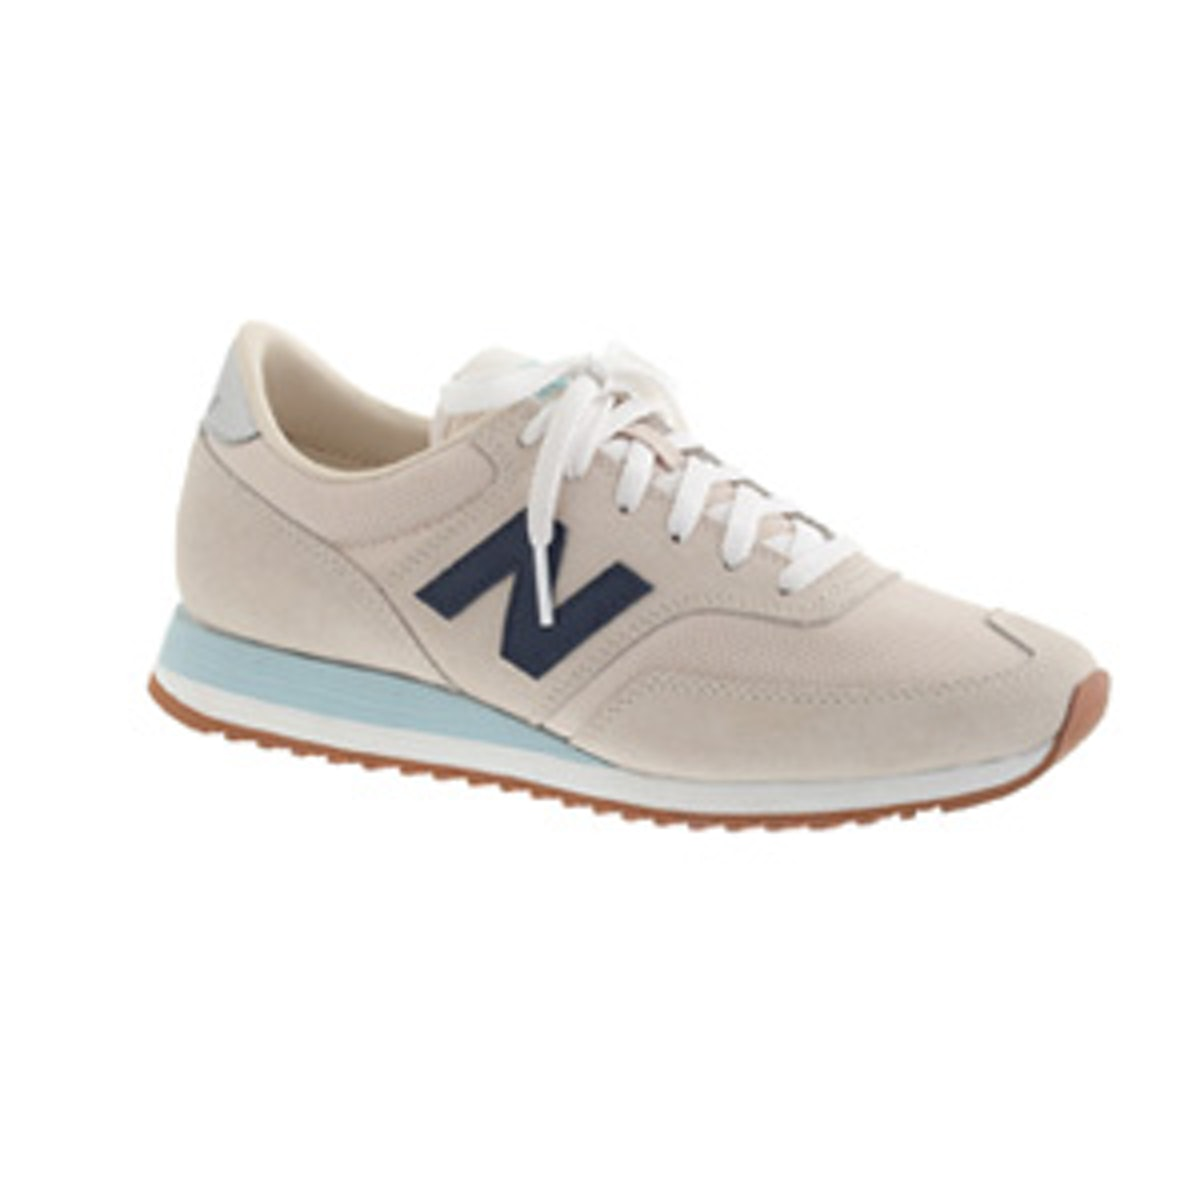 620 Sneakers